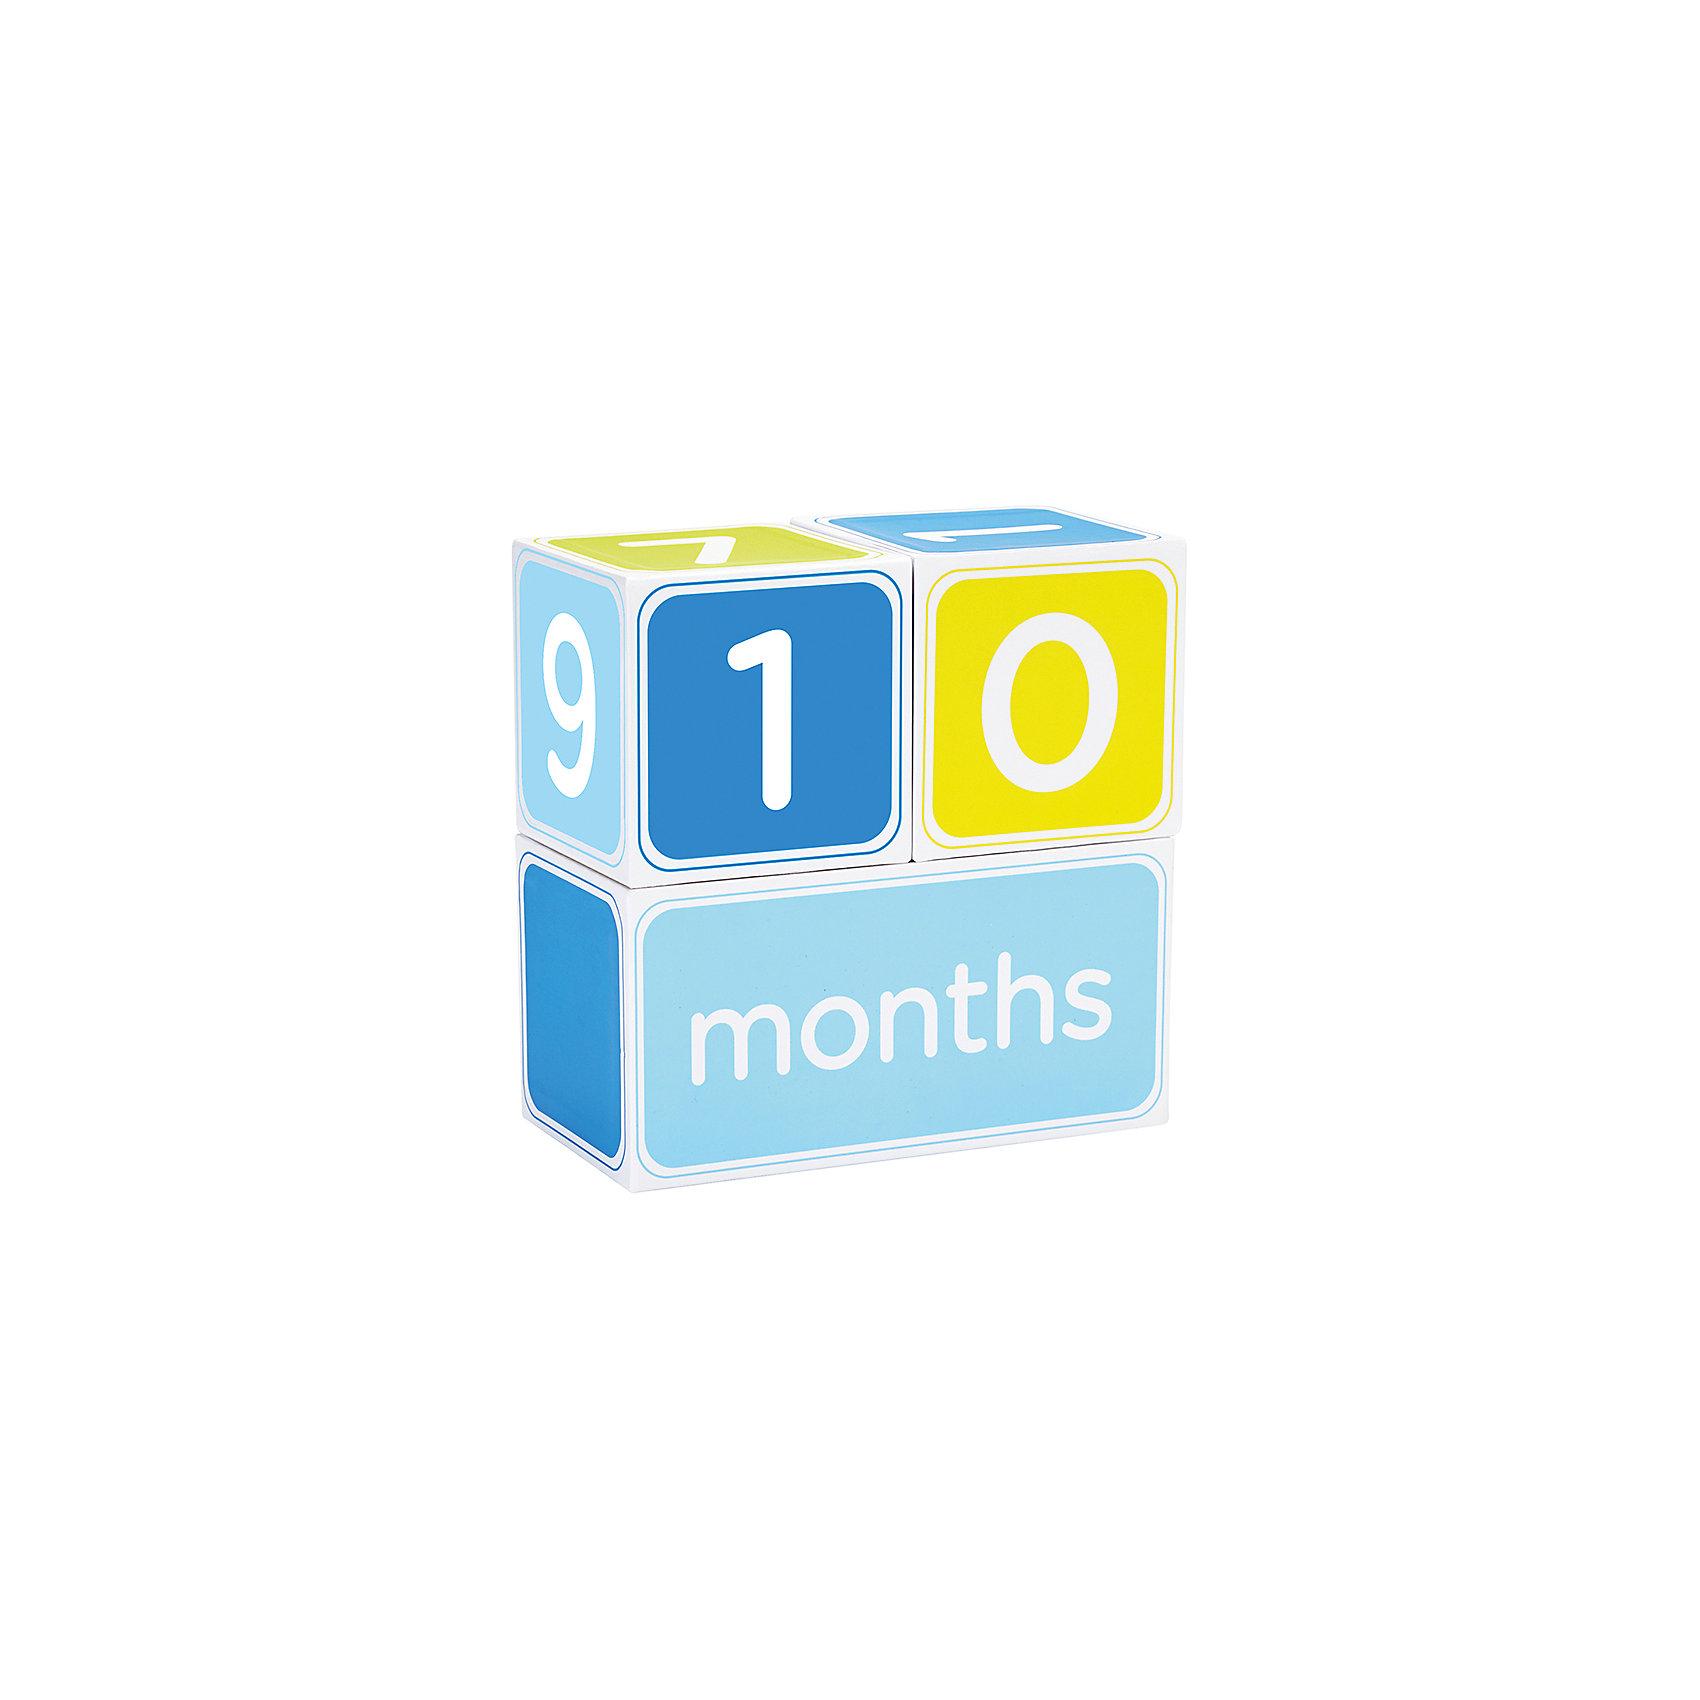 Кубики от 1 до 12 мес, PearheadКубики<br>Характеристики:<br><br>• Пол: для мальчика<br>• Тематика рисунка: цифры<br>• Материал: бумага <br>• Комплектация: 2 кубика с цифрами от 1 до 9, кубик-основа <br>• Размер (Д*Ш): ?16*8*16 см<br>• Вес: 250 г <br>• Упаковка: картонная коробка<br><br>Кубики от 1 до 12 мес, Pearhead от американского торгового бренда, который специализируется на создании подарочных наборов для новорожденных и их родителей. Набор включает в себя 3 кубика, два из которых с цифрами от 1 до 9 и один кубик-основание. Эти кубики станут отличным реквизитом для организации еженедельных и ежемесячных фотосессий. <br><br>Кроме того, они могут быть развивающей игрушкой для вашего подрастающего малыша. Выполнены из плотной бумаги, окрашены безопасными красками. Кубики позволят красочно, ярко и оригинально запечатлеть самые важные моменты первого года жизни вашего малыша. <br><br>Кубики от 1 до 12 мес, Pearhead можно купить в нашем интернет-магазине.<br><br>Ширина мм: 80<br>Глубина мм: 215<br>Высота мм: 170<br>Вес г: 226<br>Возраст от месяцев: 0<br>Возраст до месяцев: 84<br>Пол: Мужской<br>Возраст: Детский<br>SKU: 5482426